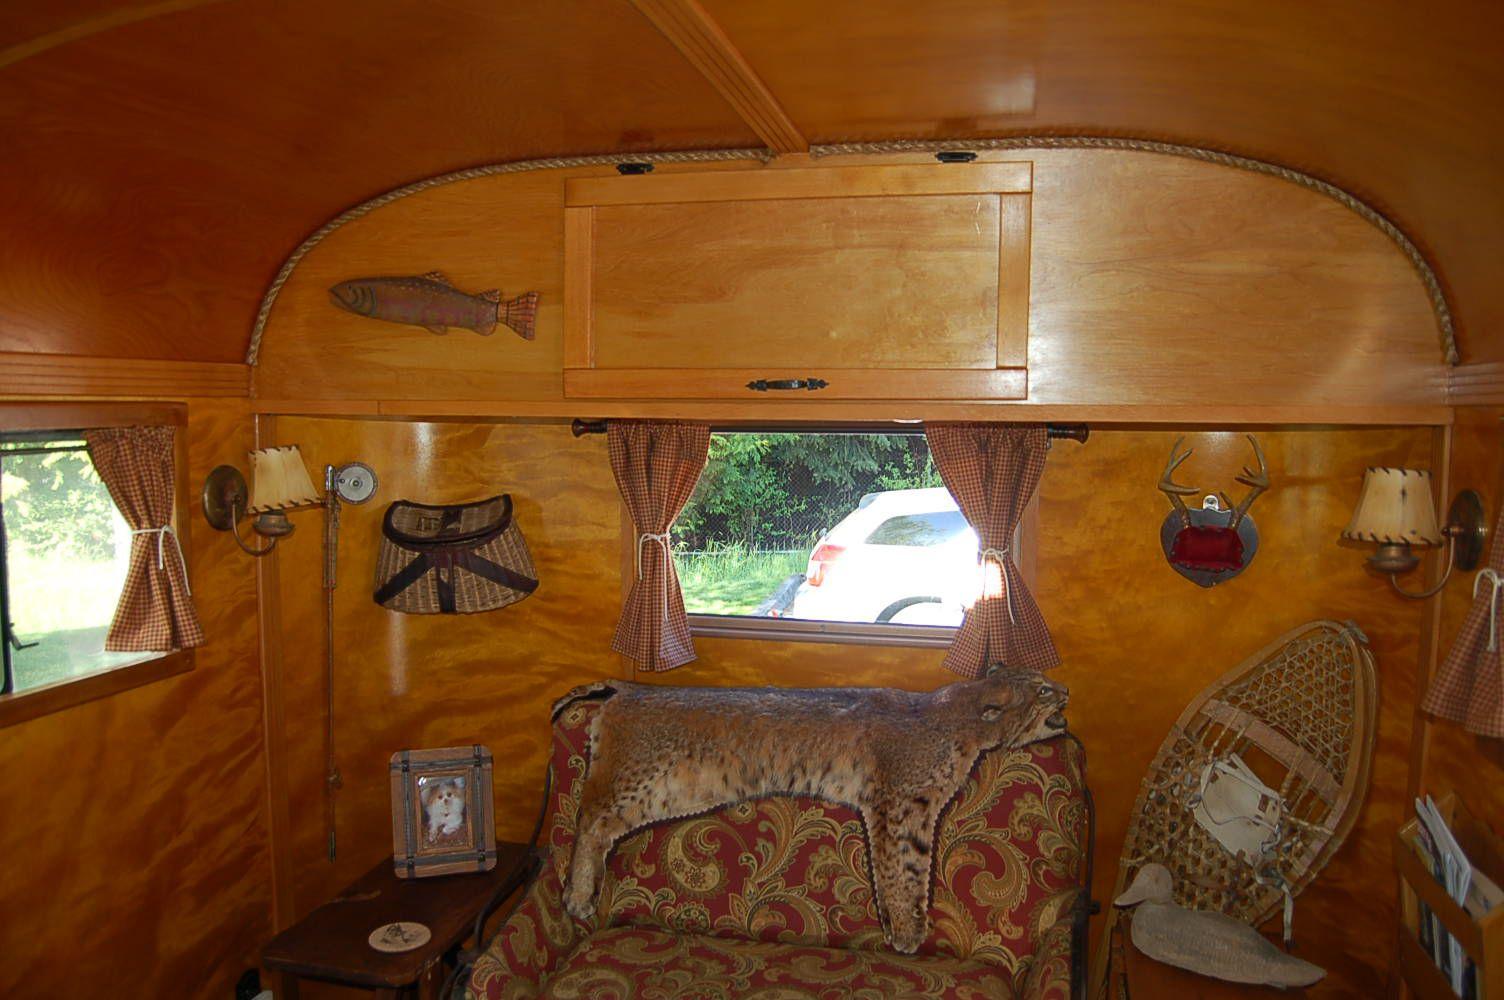 35cfa22ded4e89cf2a360d8a82892673 Bus Interior Mobile Homes on hello kitty bus interior, seattle bus interior, office bus interior, chicago bus interior, boston bus interior, flexible bus interior, google bus interior, city bus interior,